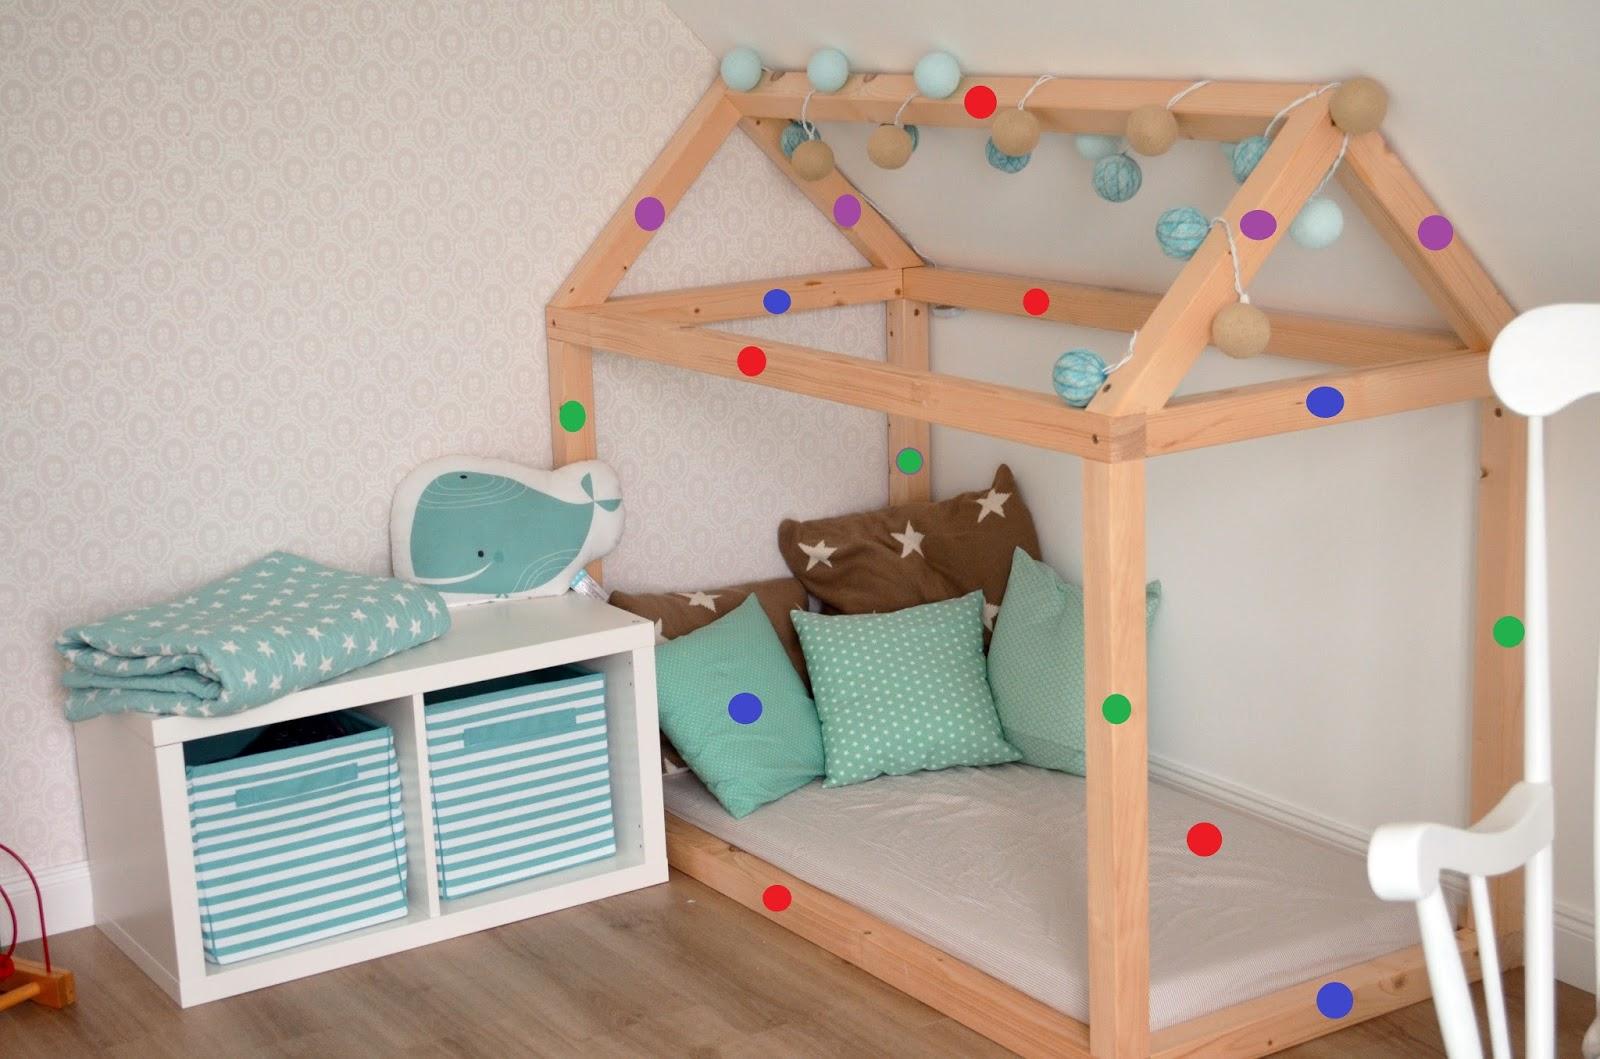 Full Size of Kinderbett Diy Selber Bauen Detaillierte Bauanleitung Kuschelhaus Wohnzimmer Kinderbett Diy